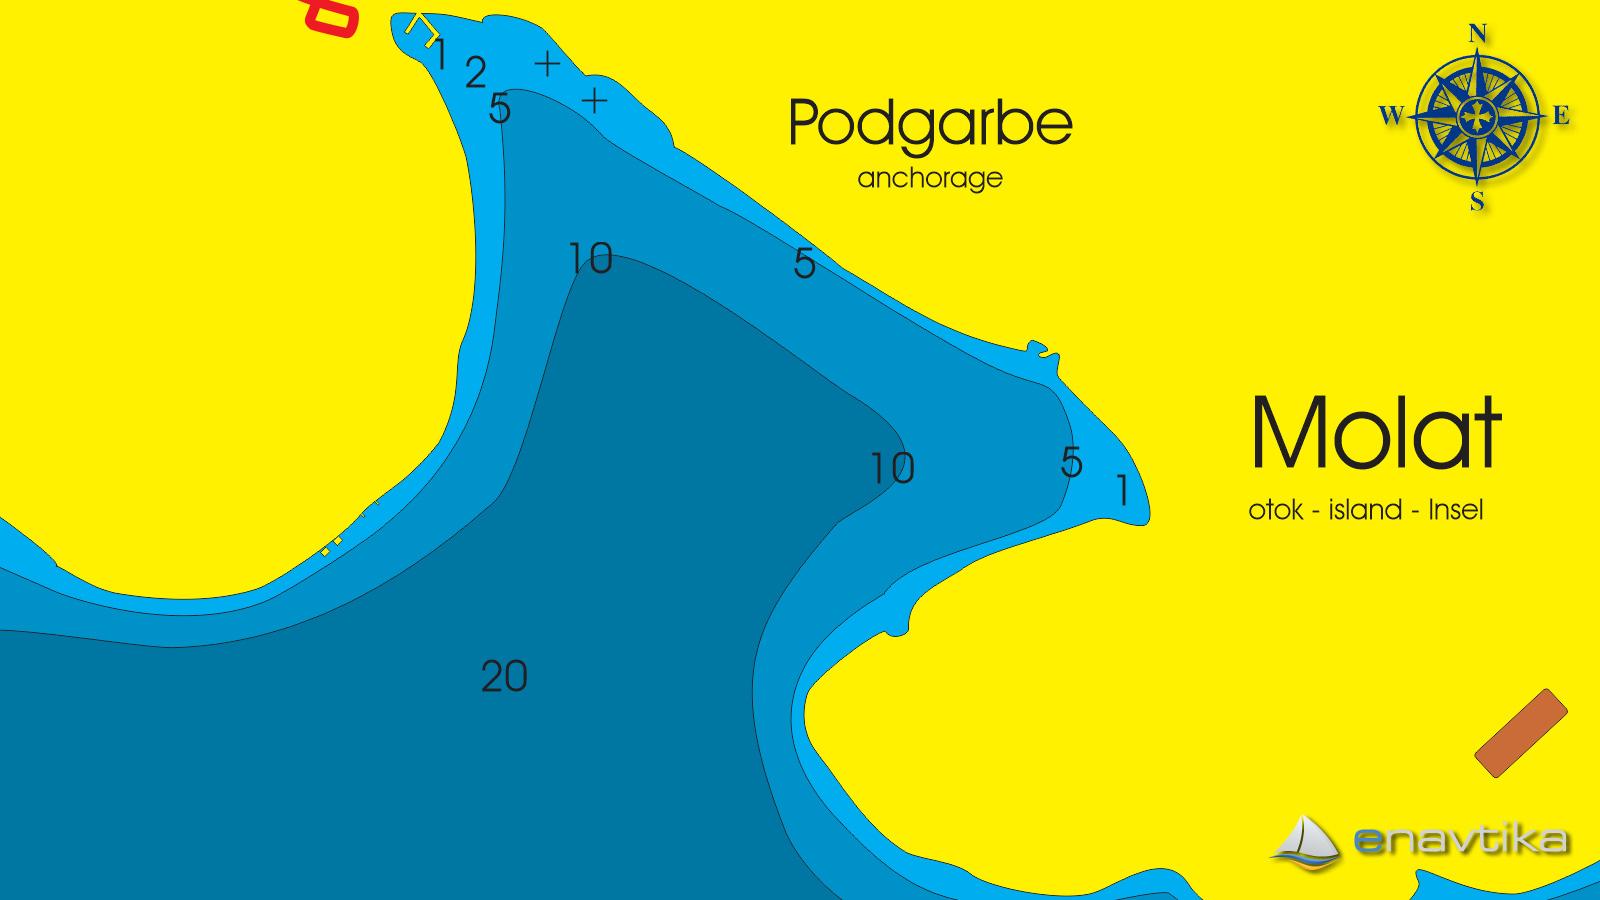 Slika Podgarbe 2